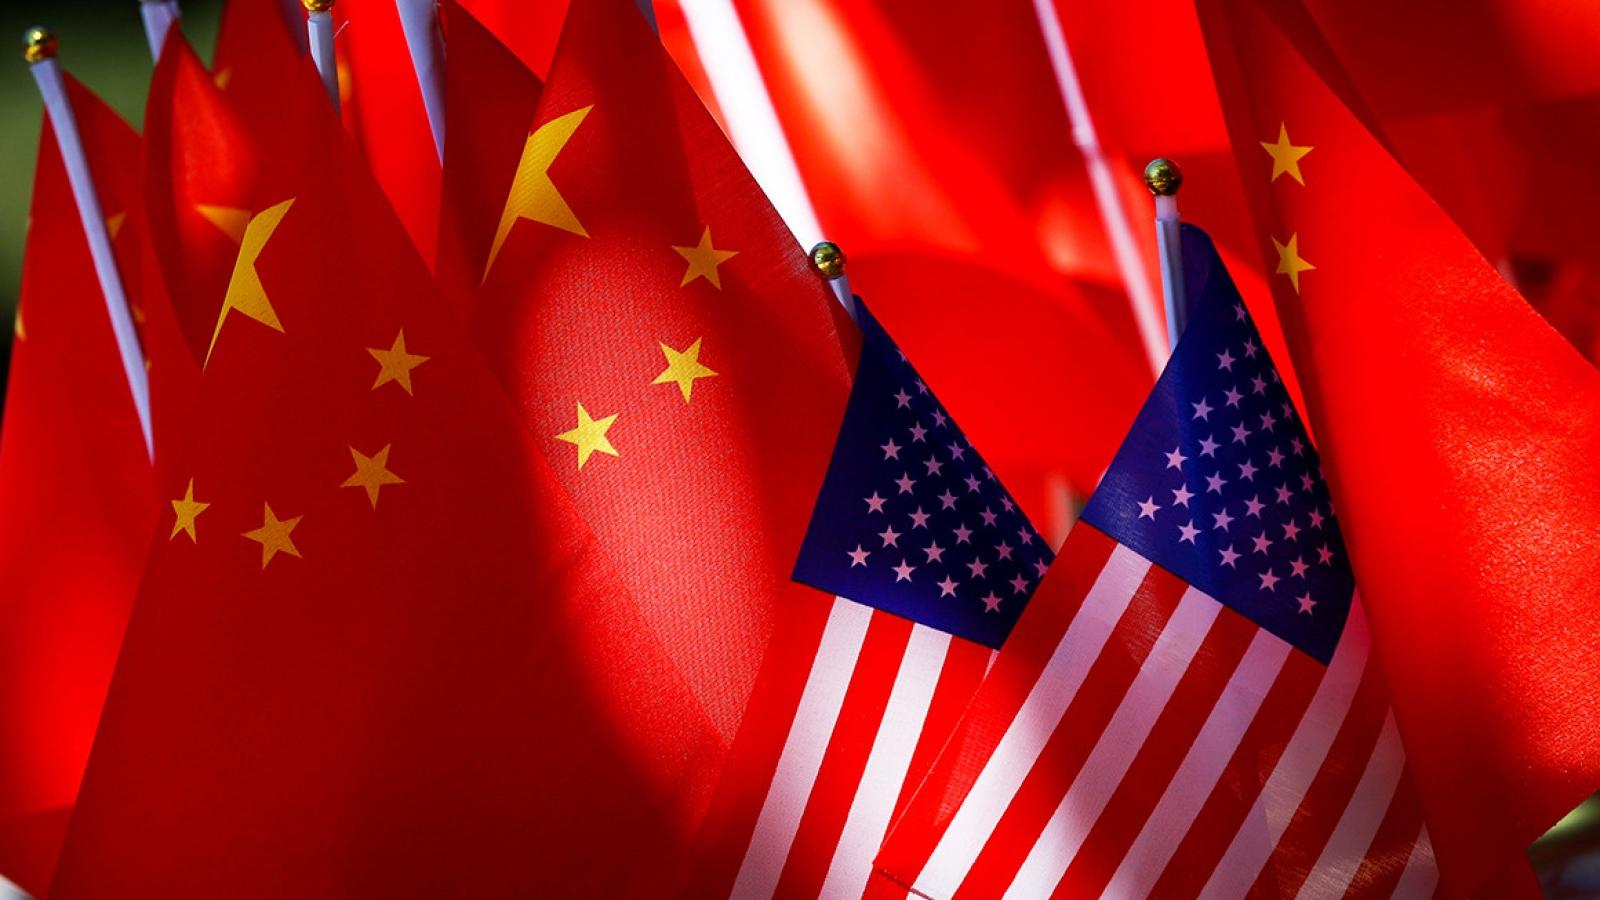 Trung Quốc tìm cách phá vỡ liên minh của Tổng thống Mỹ Joe Biden